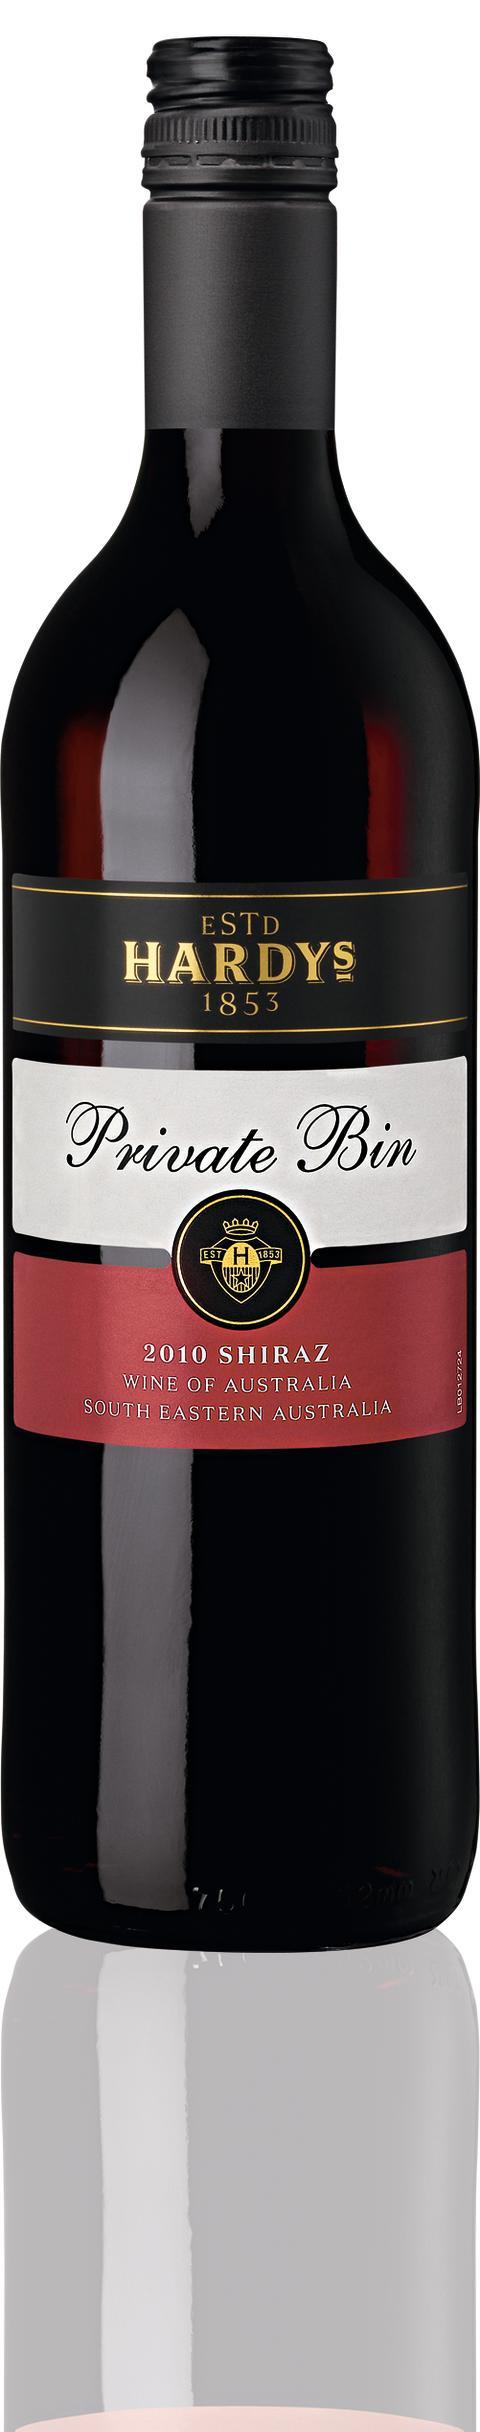 Hardy Private Bin Shiraz